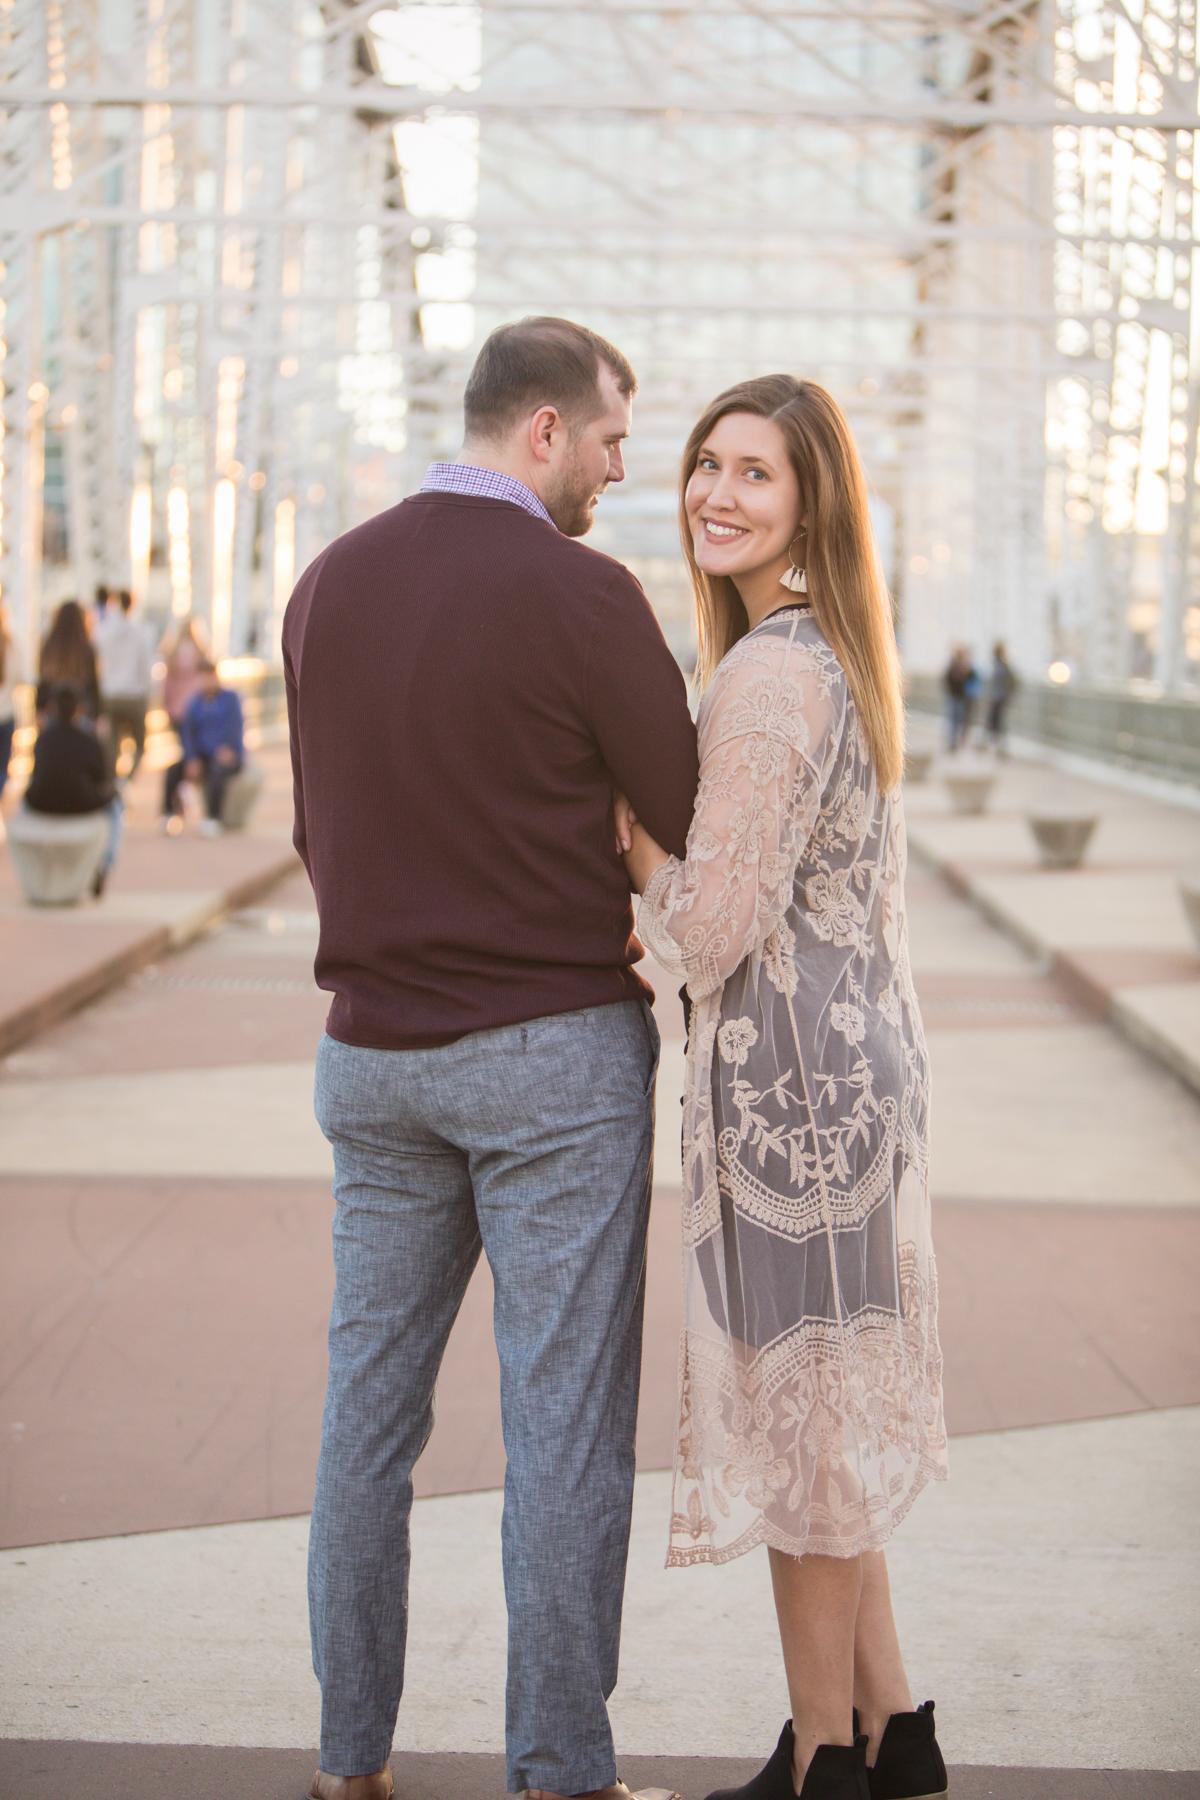 Lauren-and-Grant-Engagement-Centennial-Park-Nashville-Sneak-Peak-0050.jpg